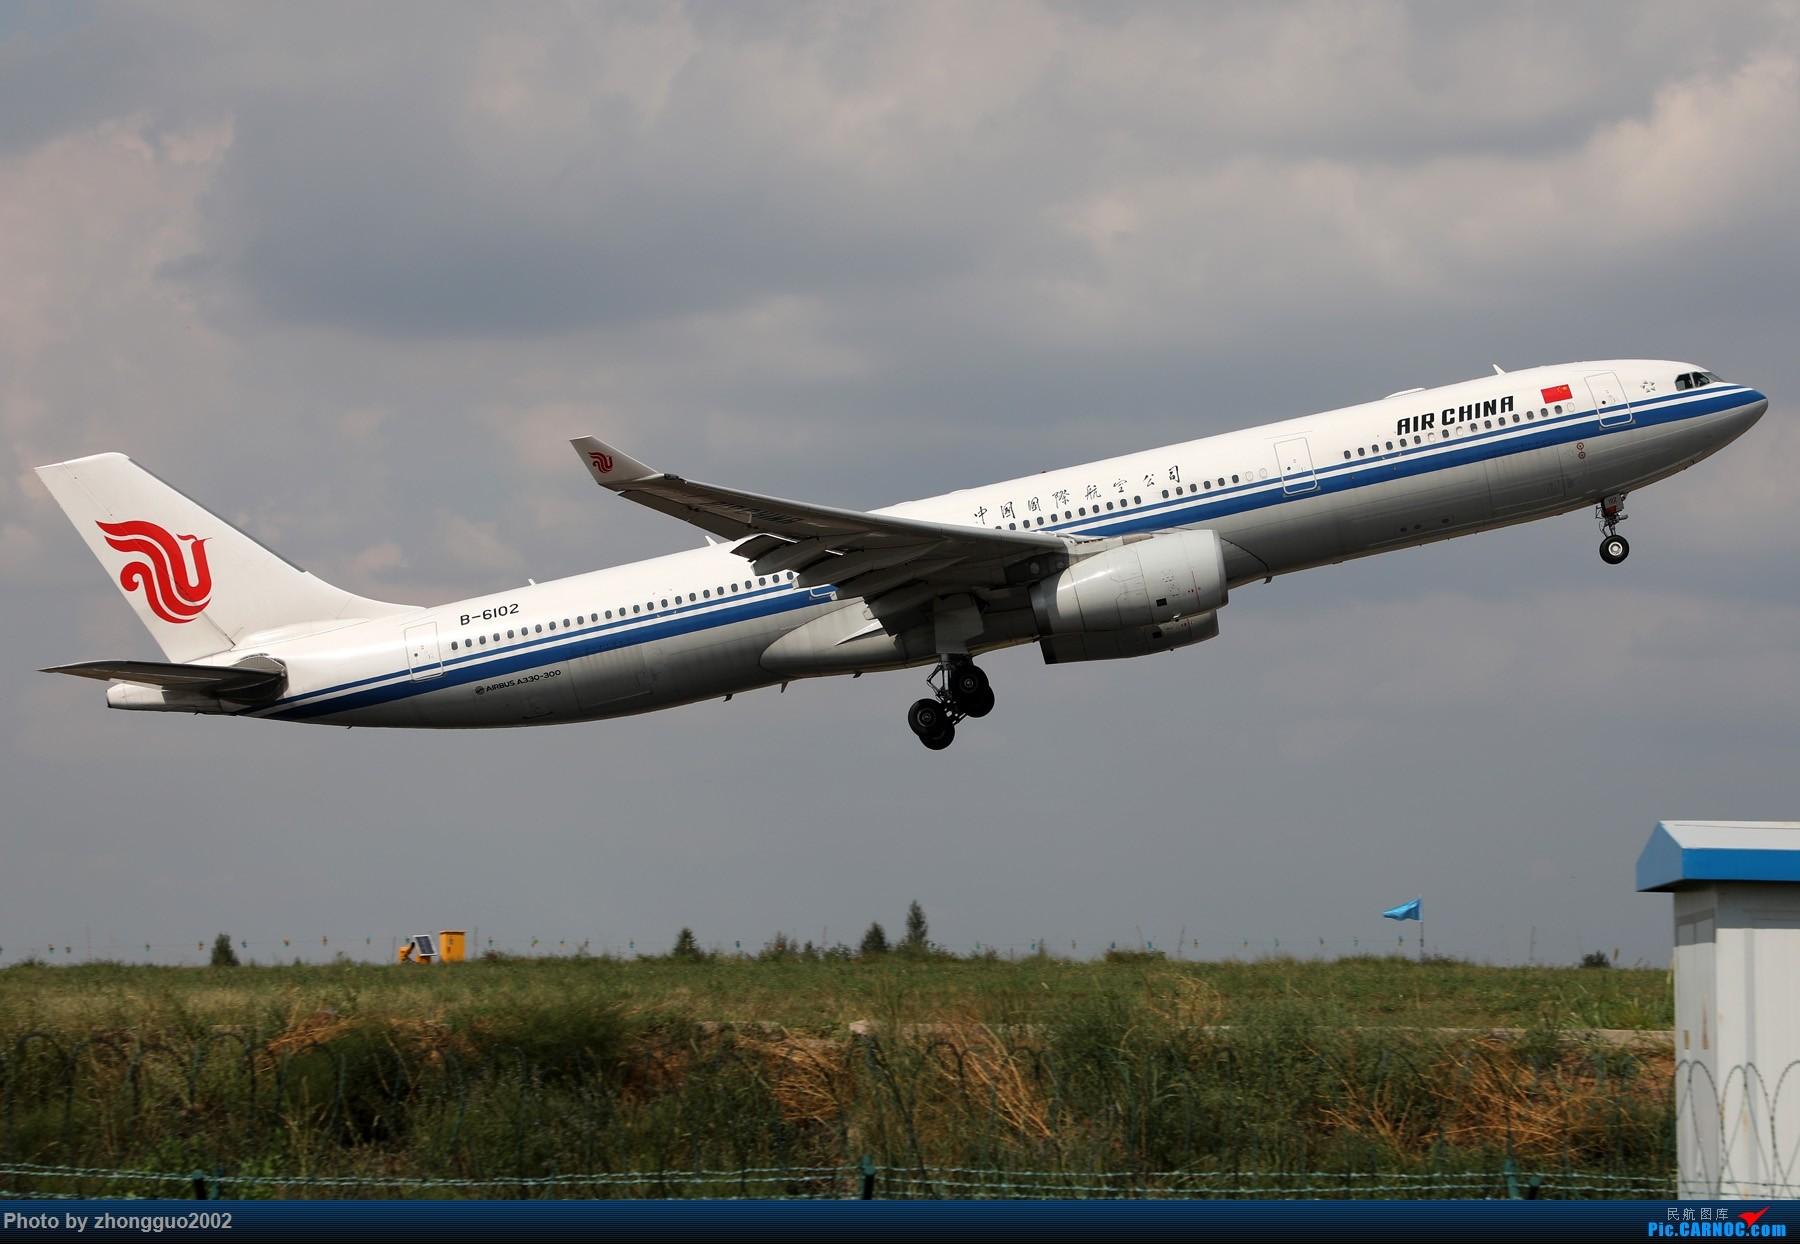 Re:[原创]国航 333-6102 鄂尔多斯飞本场 AIRBUS A330-300 B-6102 中国鄂尔多斯伊金霍洛机场